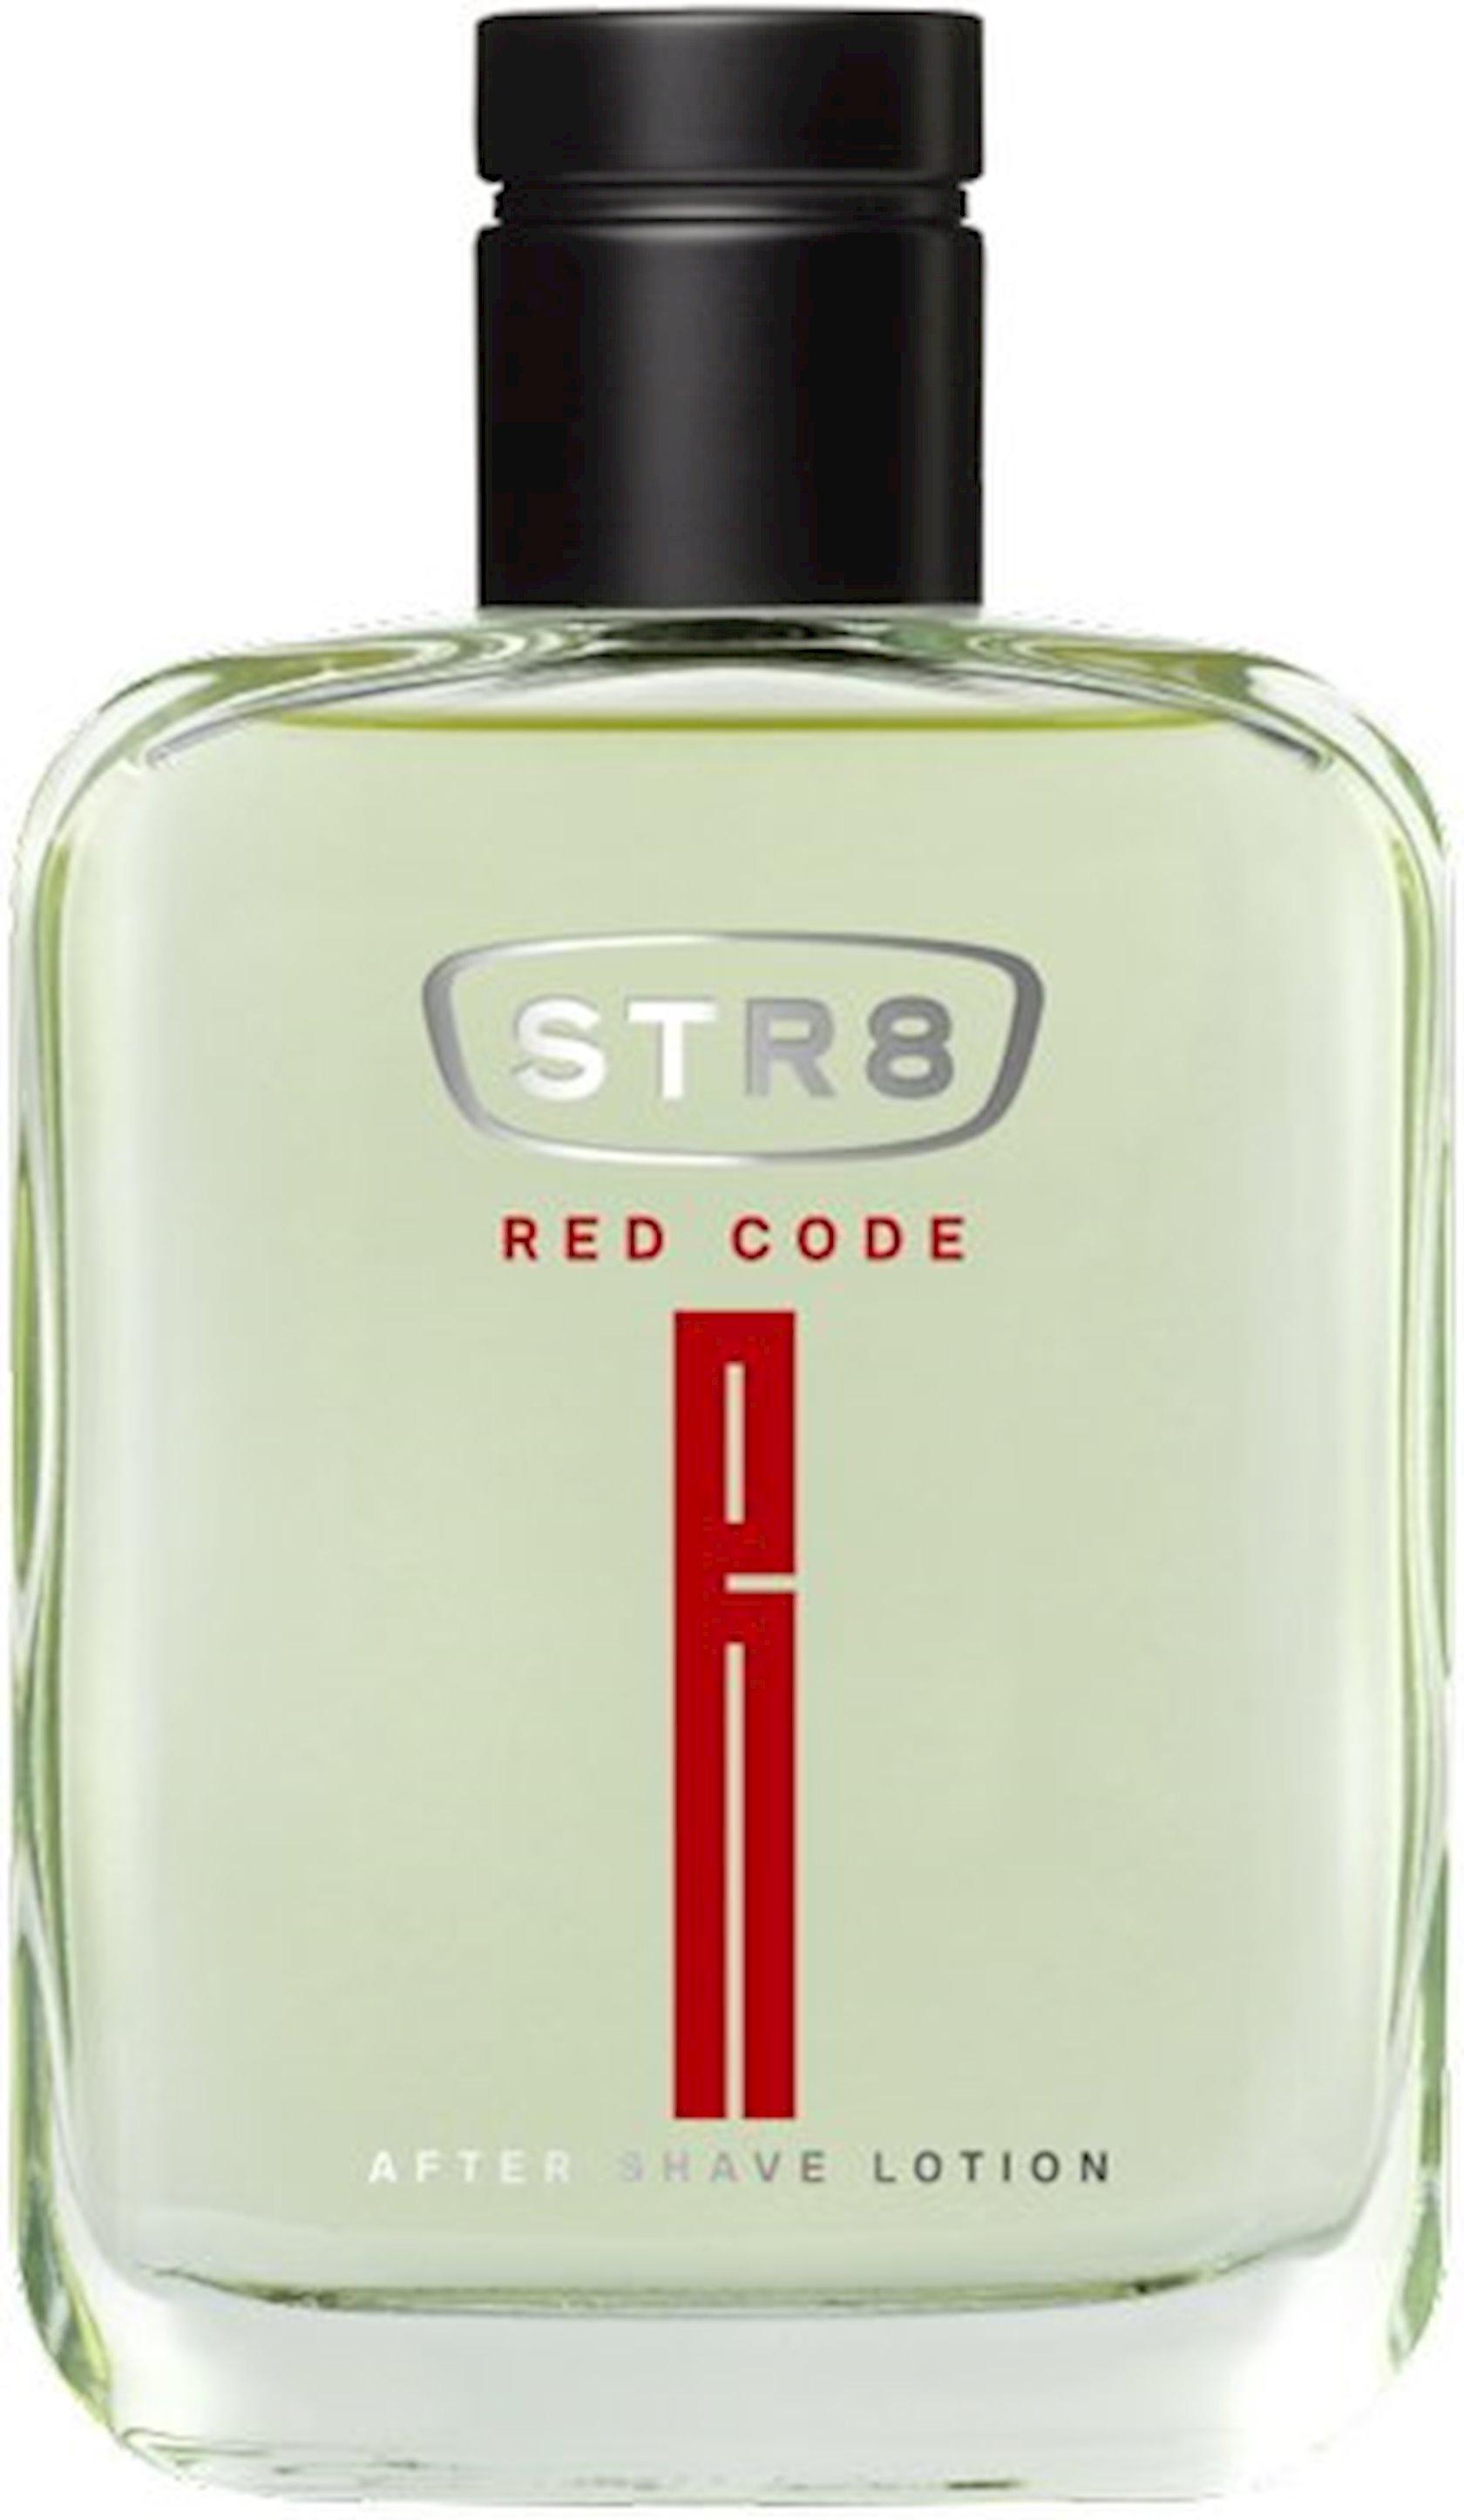 Təraş sonrası losyon STR8 Red Code, 100 ml